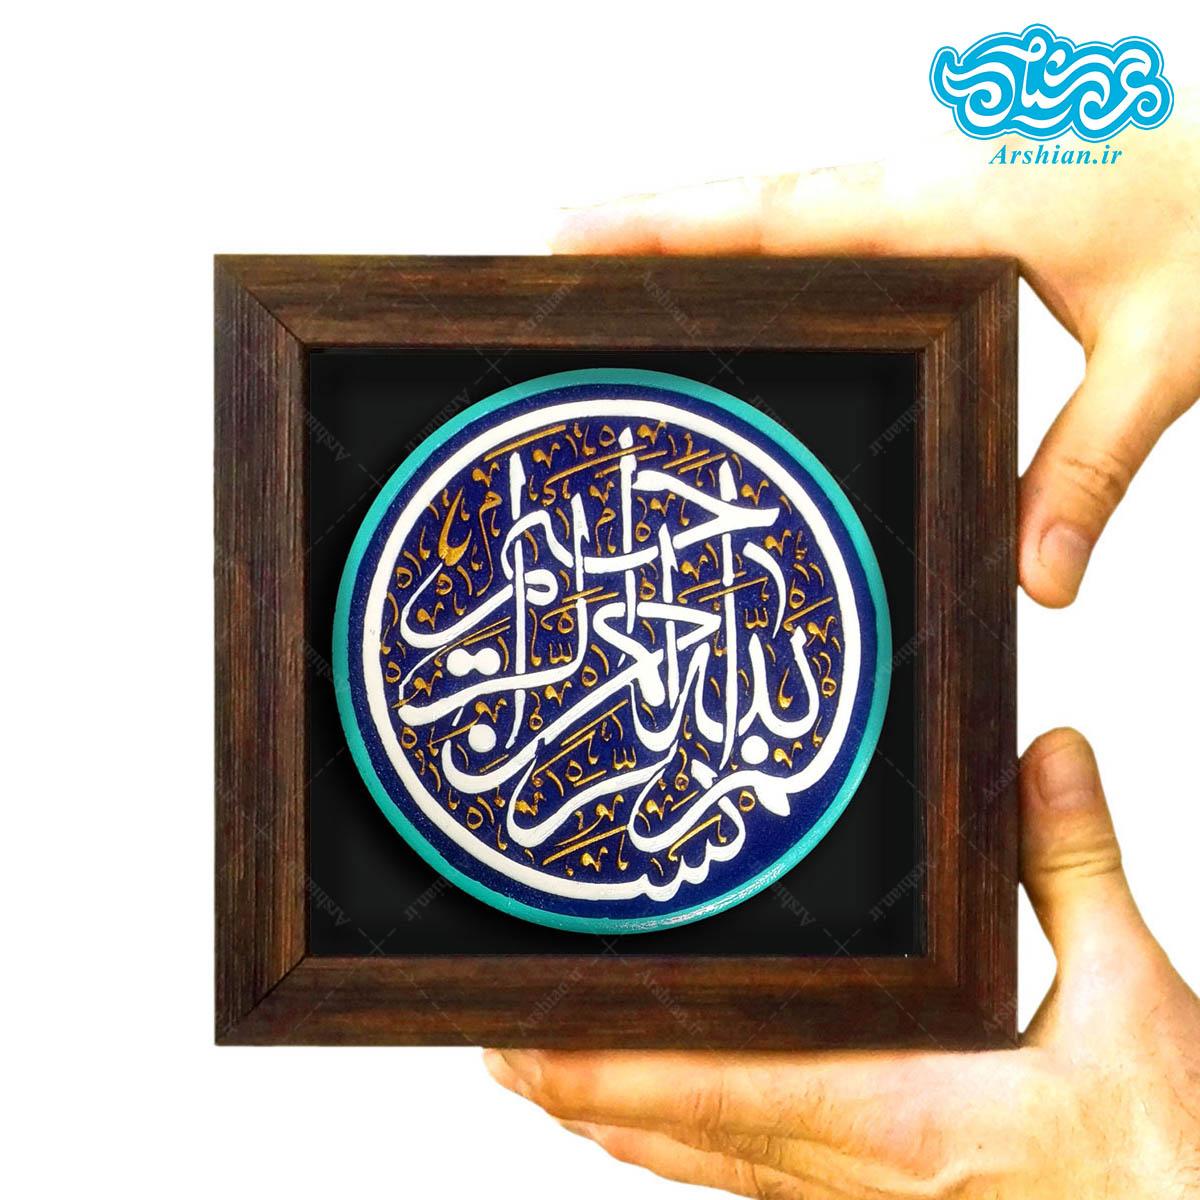 تابلو برجسته بسم الله الرحمن الرحیم کد۱۸۶